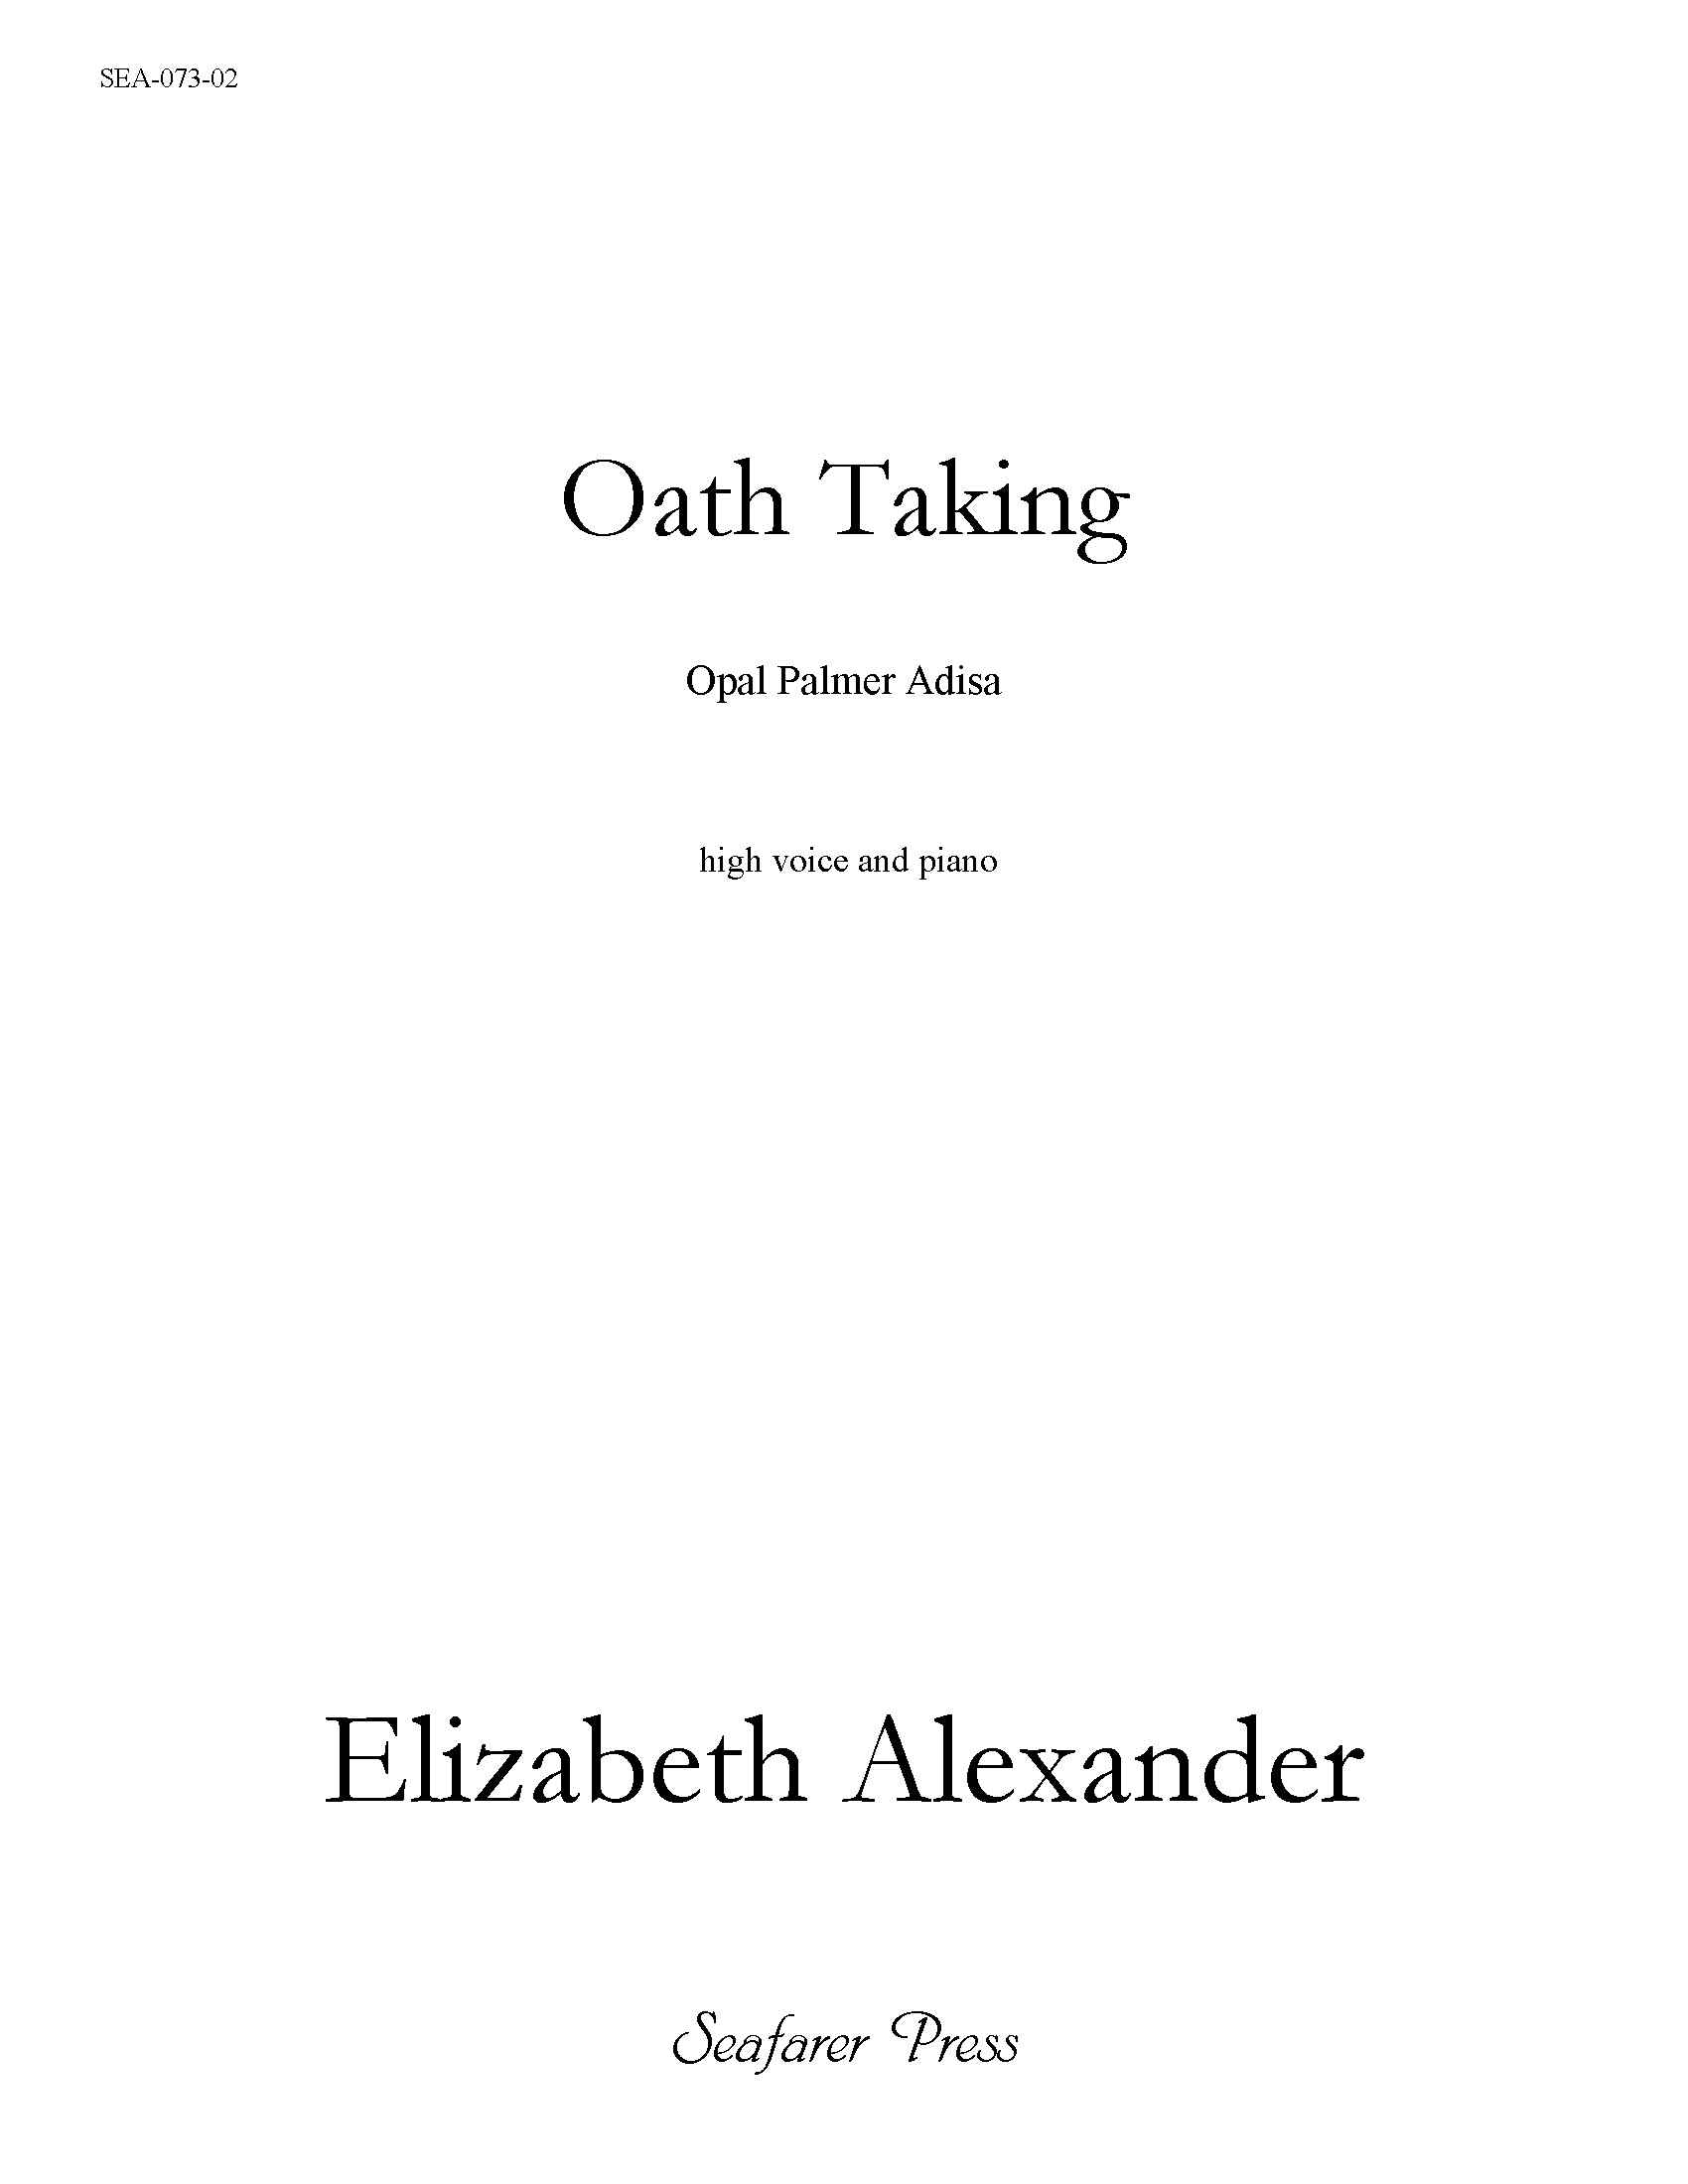 SEA-073-02 - Oath Taking